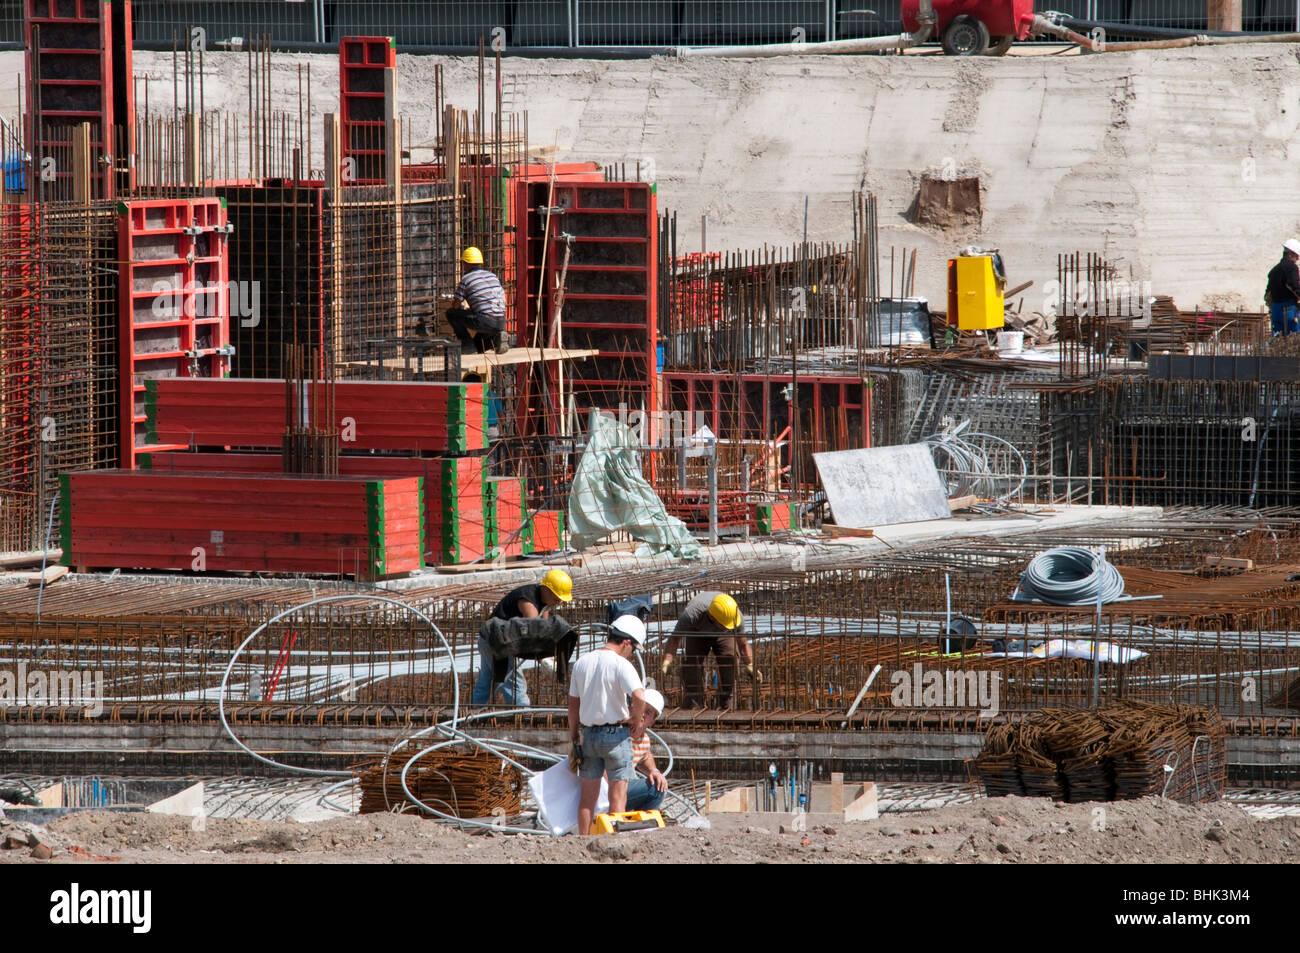 Fundamentbau, Baustelle Hafencity, Hamburg, Deutschland | construction works Harbour City, Hamburg, Germany - Stock Image